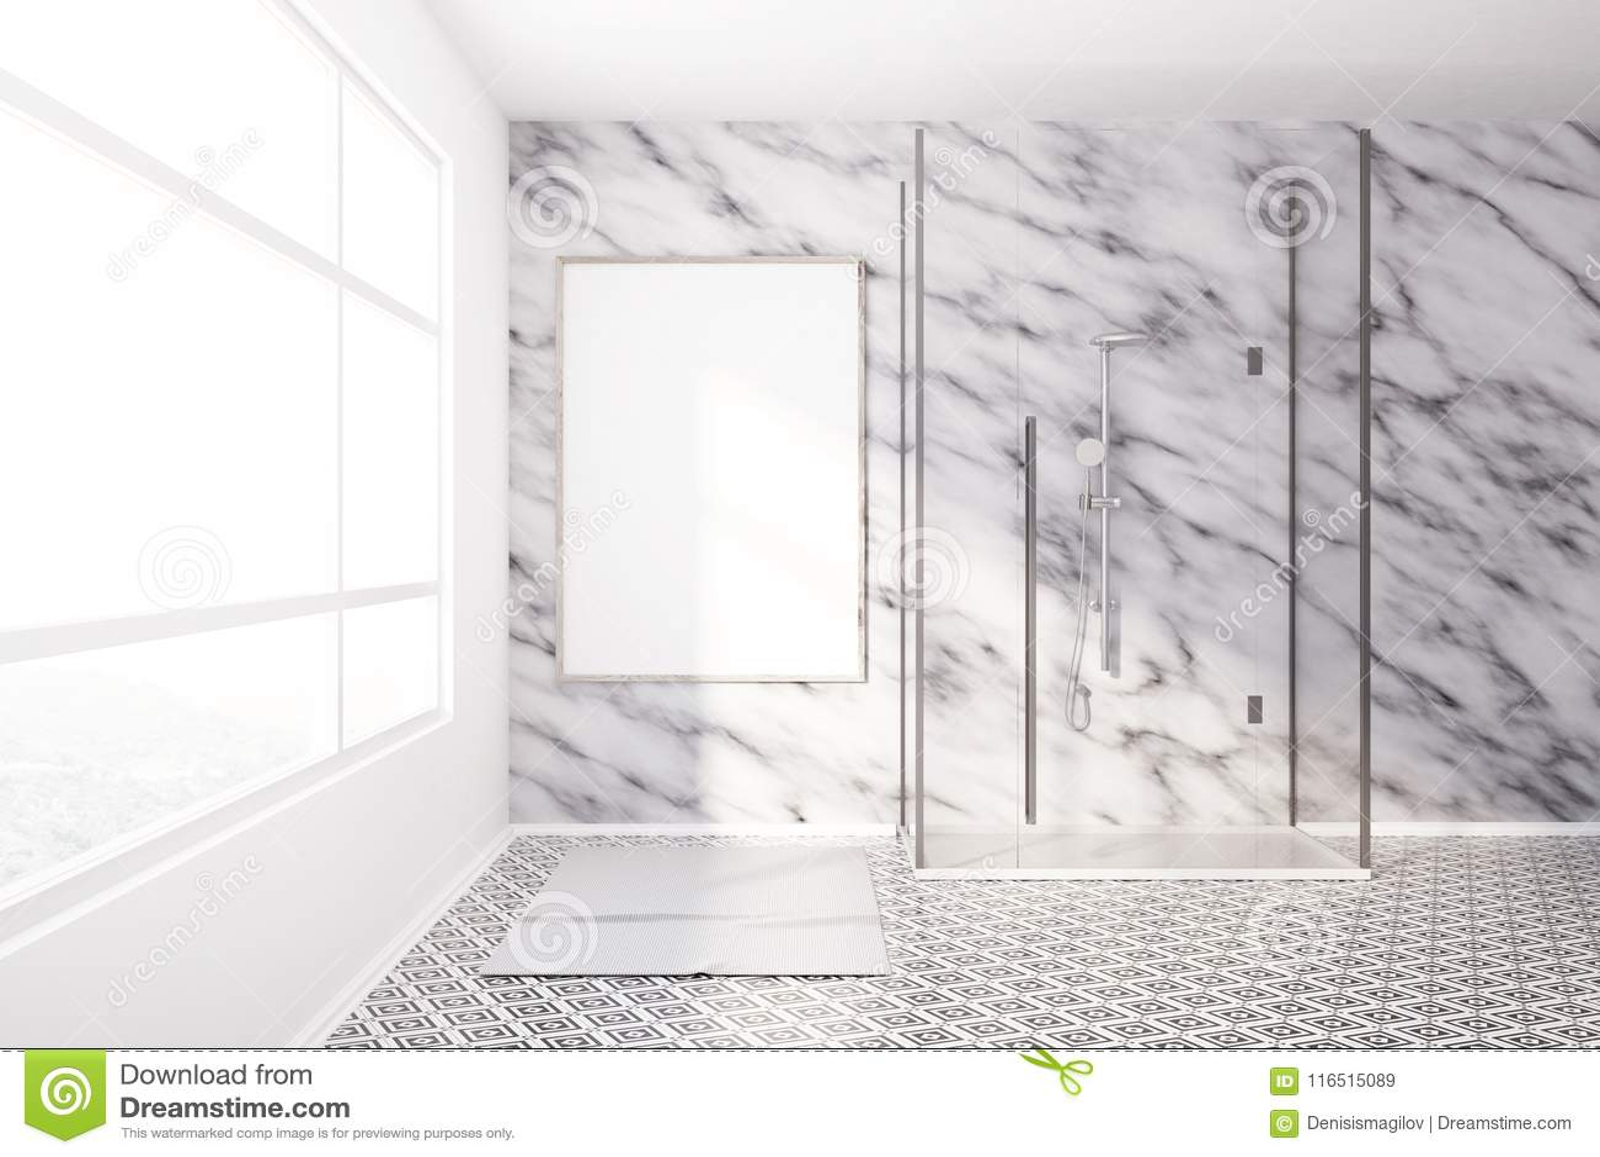 Cuartos De Baño Modernos Ducha | Cuarto De Baño Moderno Con Ducha De ...